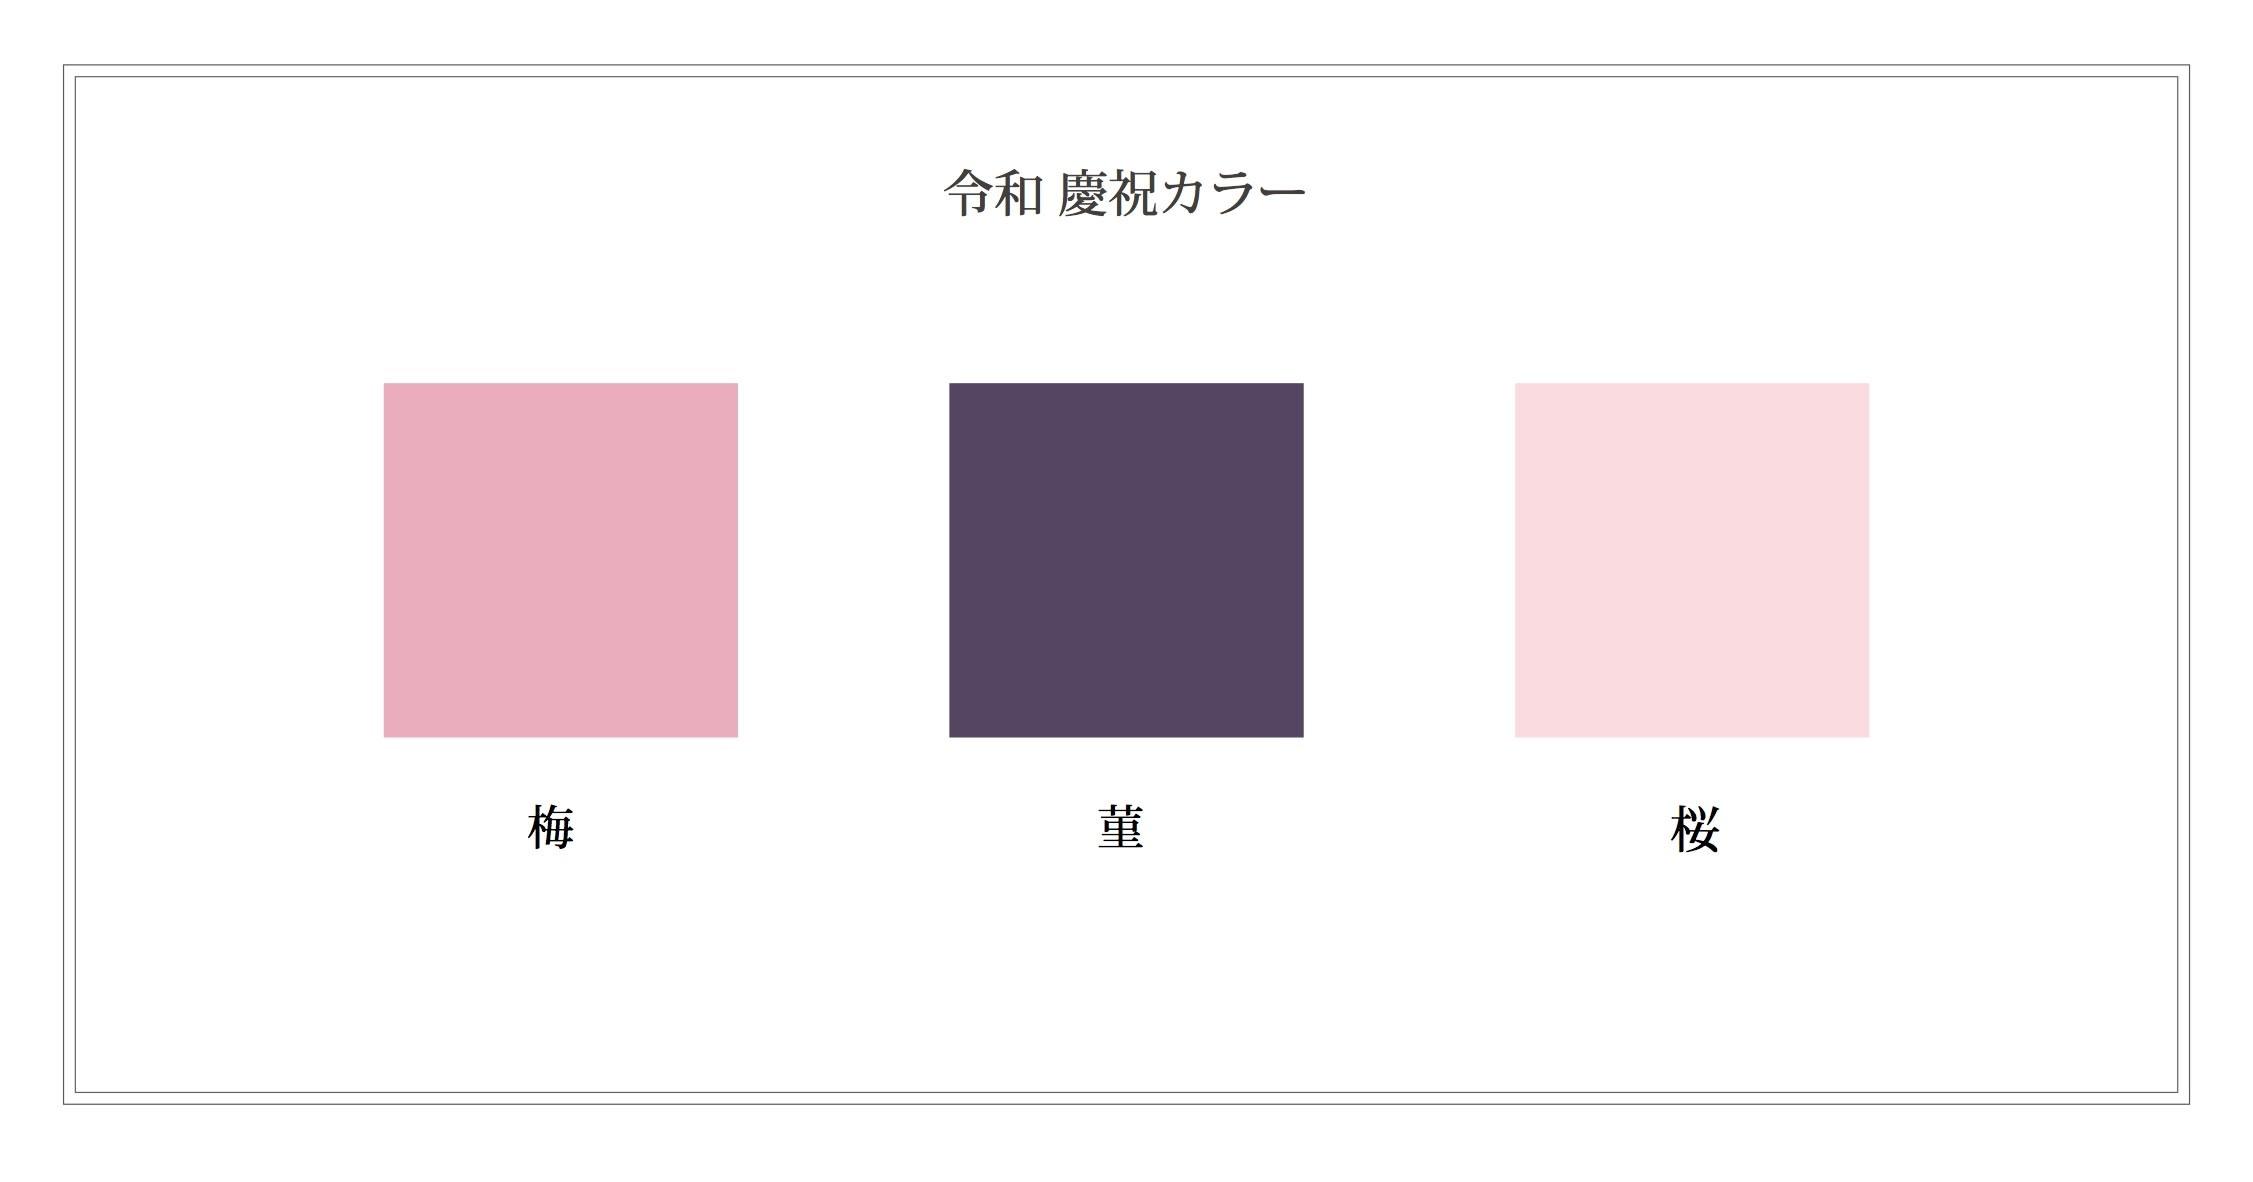 3b7e1aaf485c 【2019年5月1日続報】